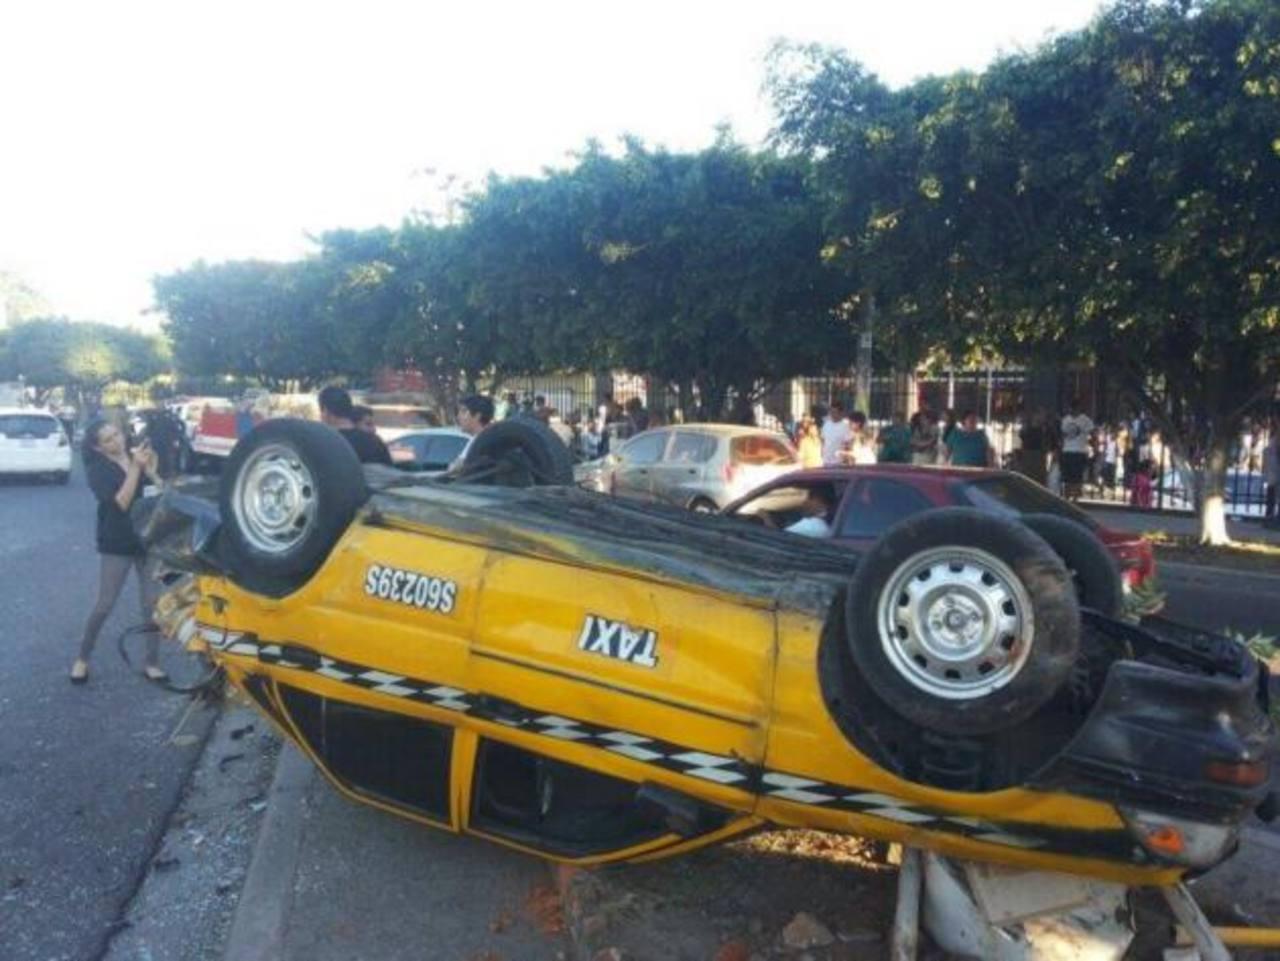 Un camión perdió los frenos e impactó a varios vehículos en Soyapango. Hubo cinco lesionados.